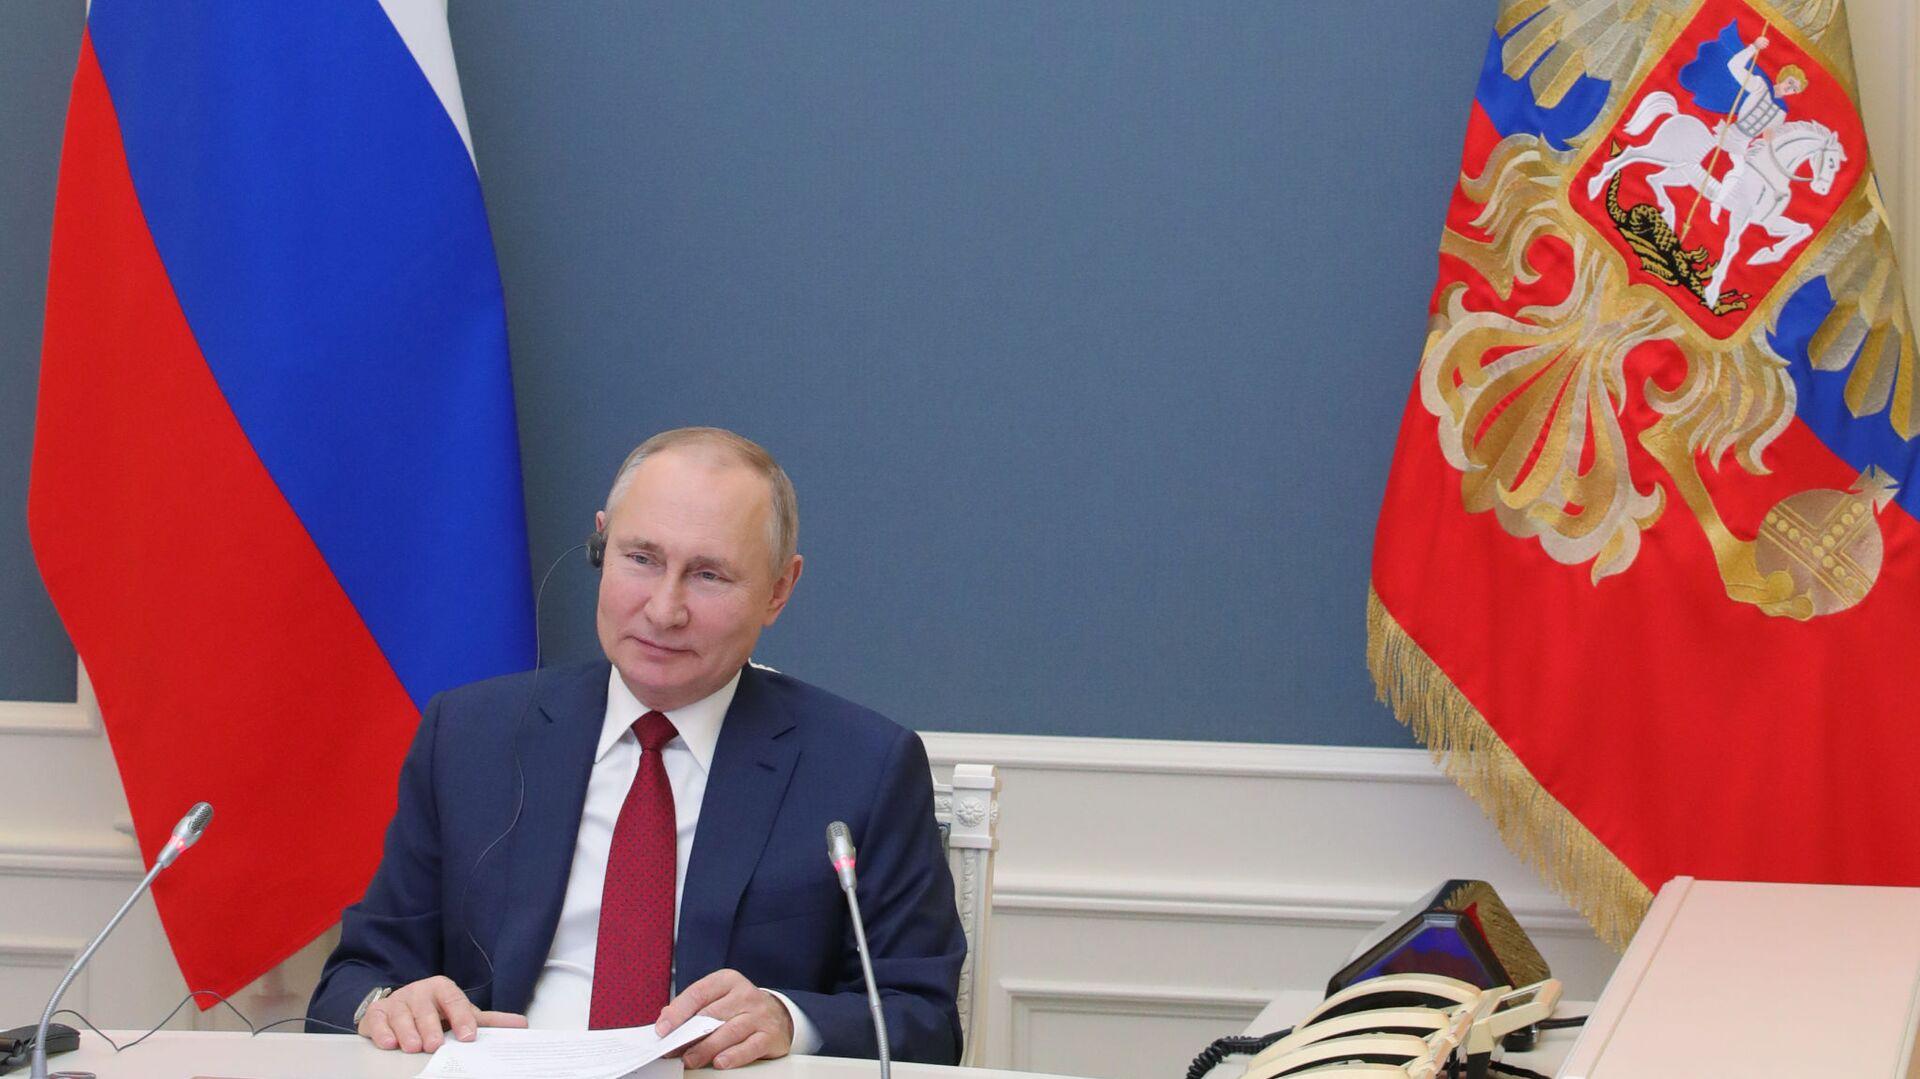 L'intervento di Putin al World Economic Forum di Davos - Sputnik Italia, 1920, 14.02.2021